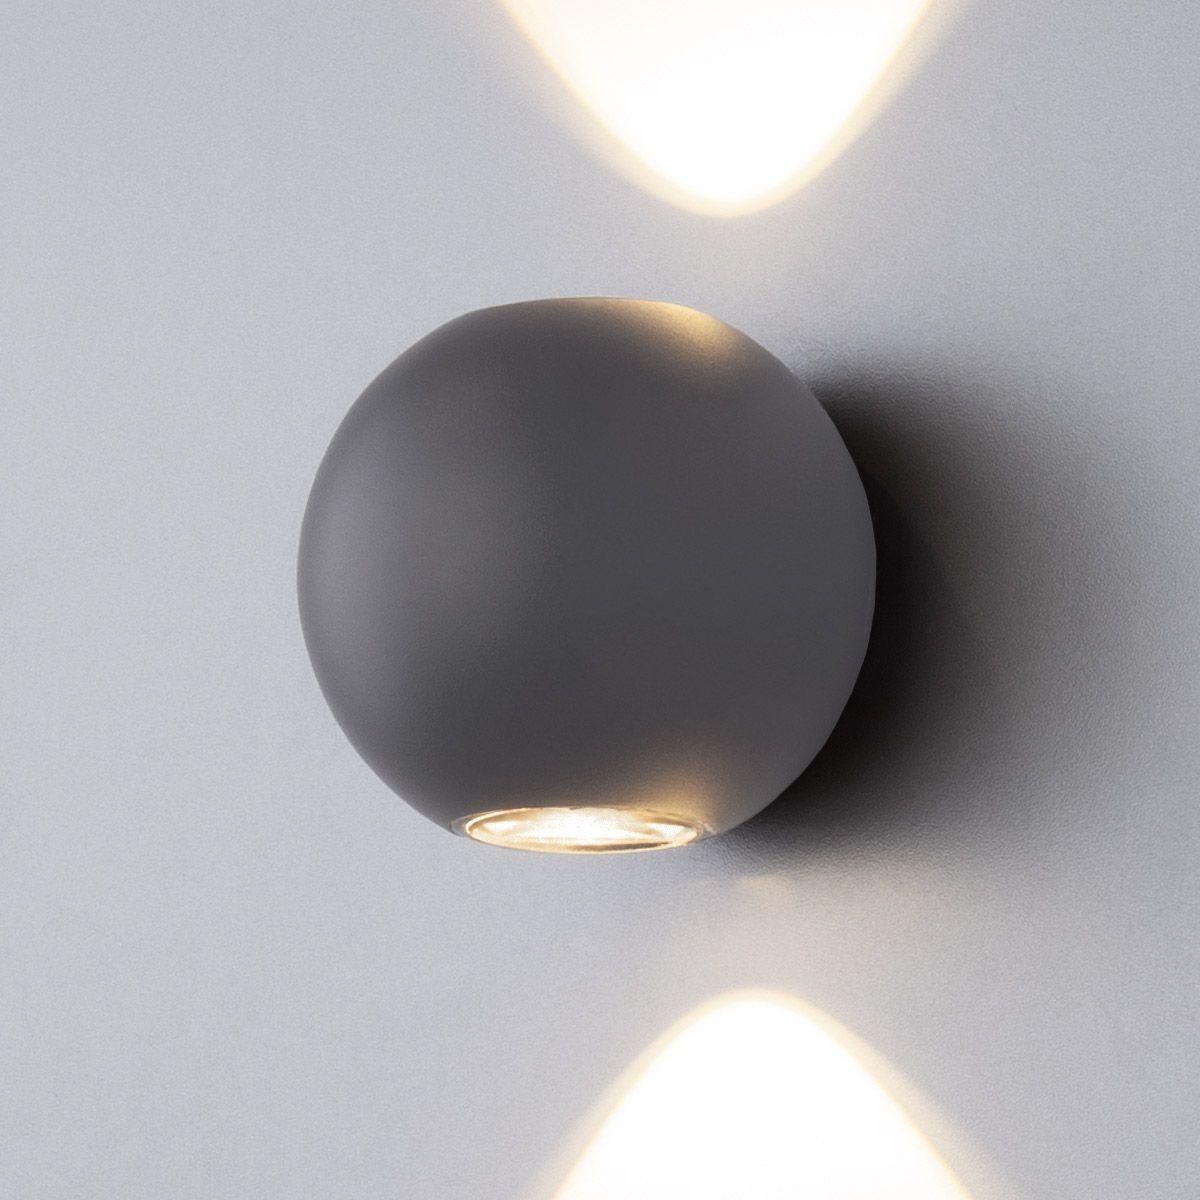 Уличные LED светодиодные светильники, купить по низким